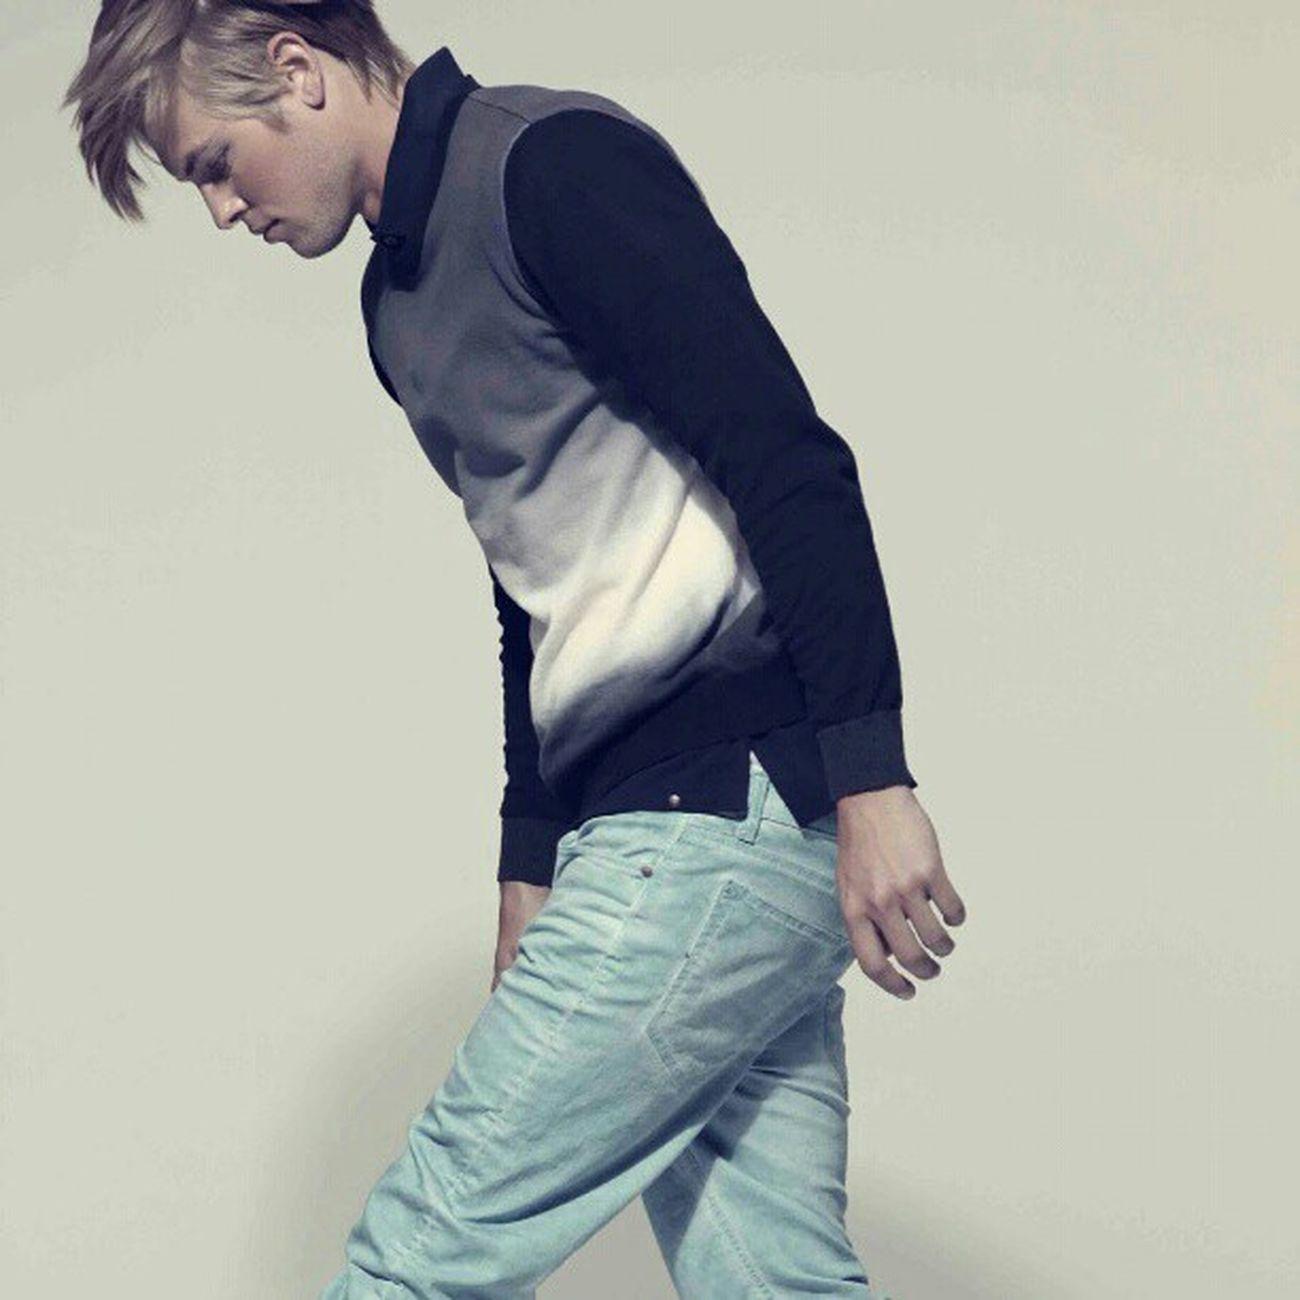 Dbrand Jeans Mode Fashion Blogg Sweden Stockholm Kungsholmen Knitted  d.brand Spring 2013 - Turquoise Denim!